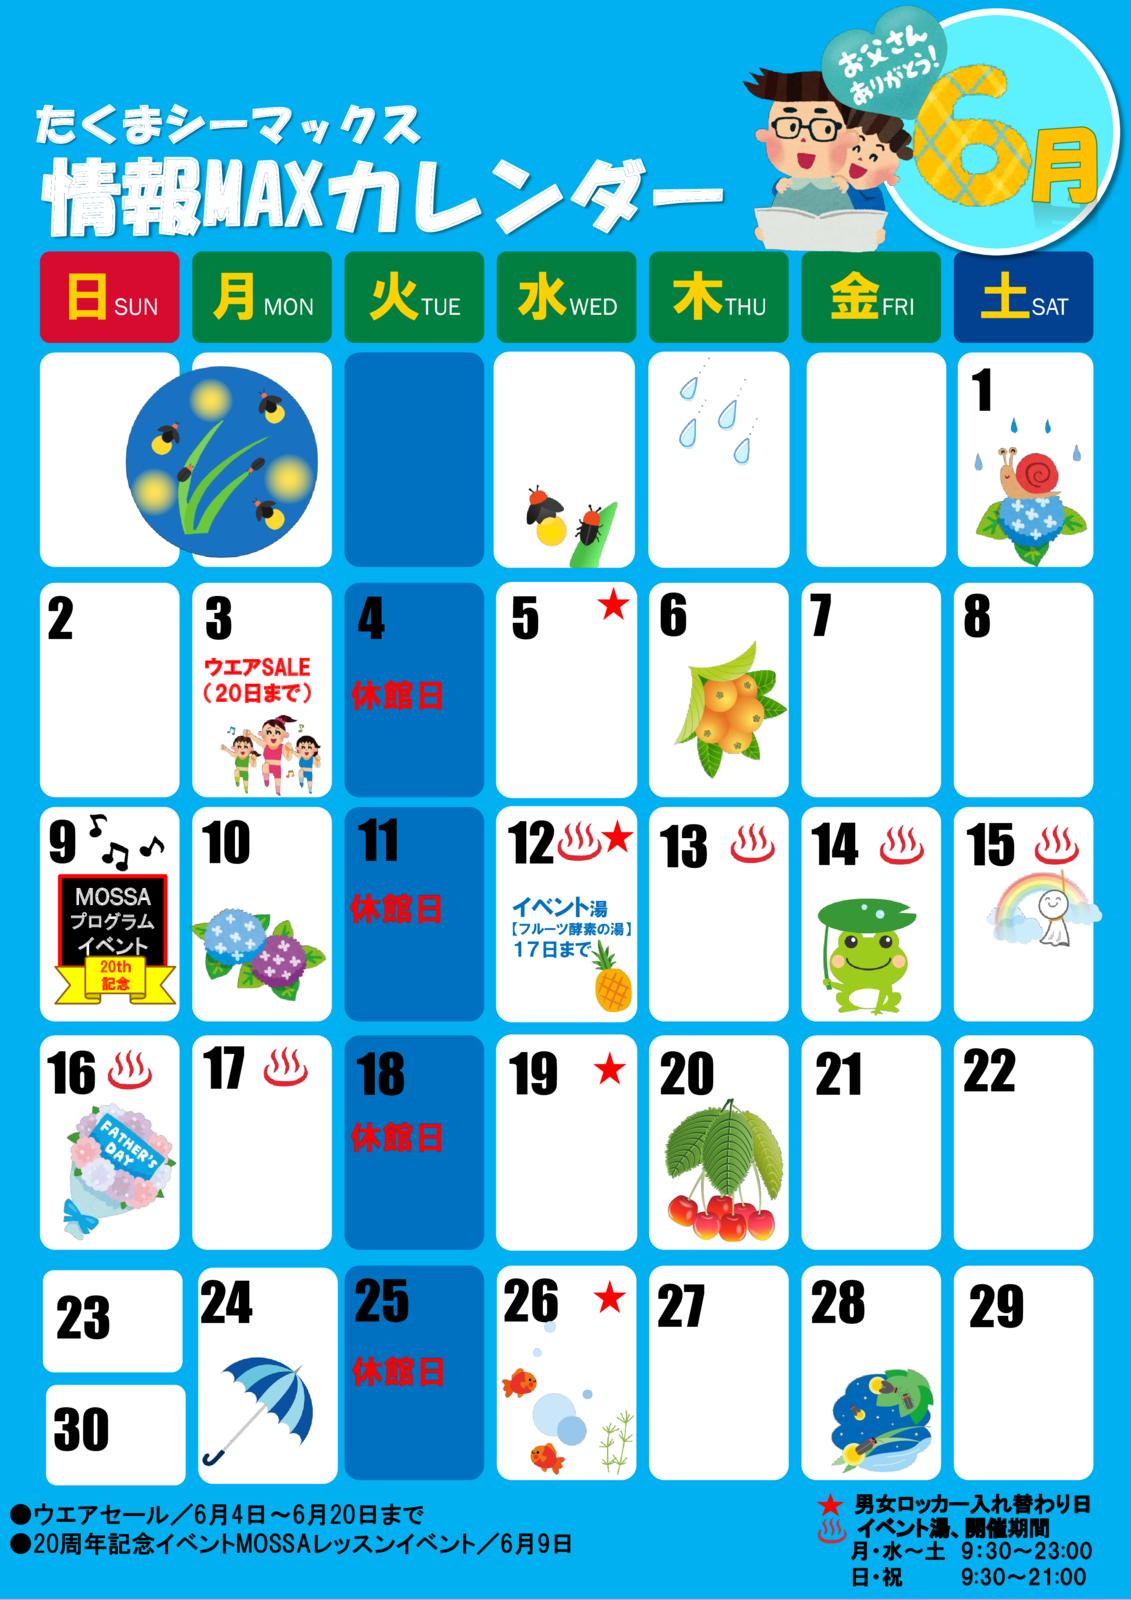 6月,カレンダーのサムネイル